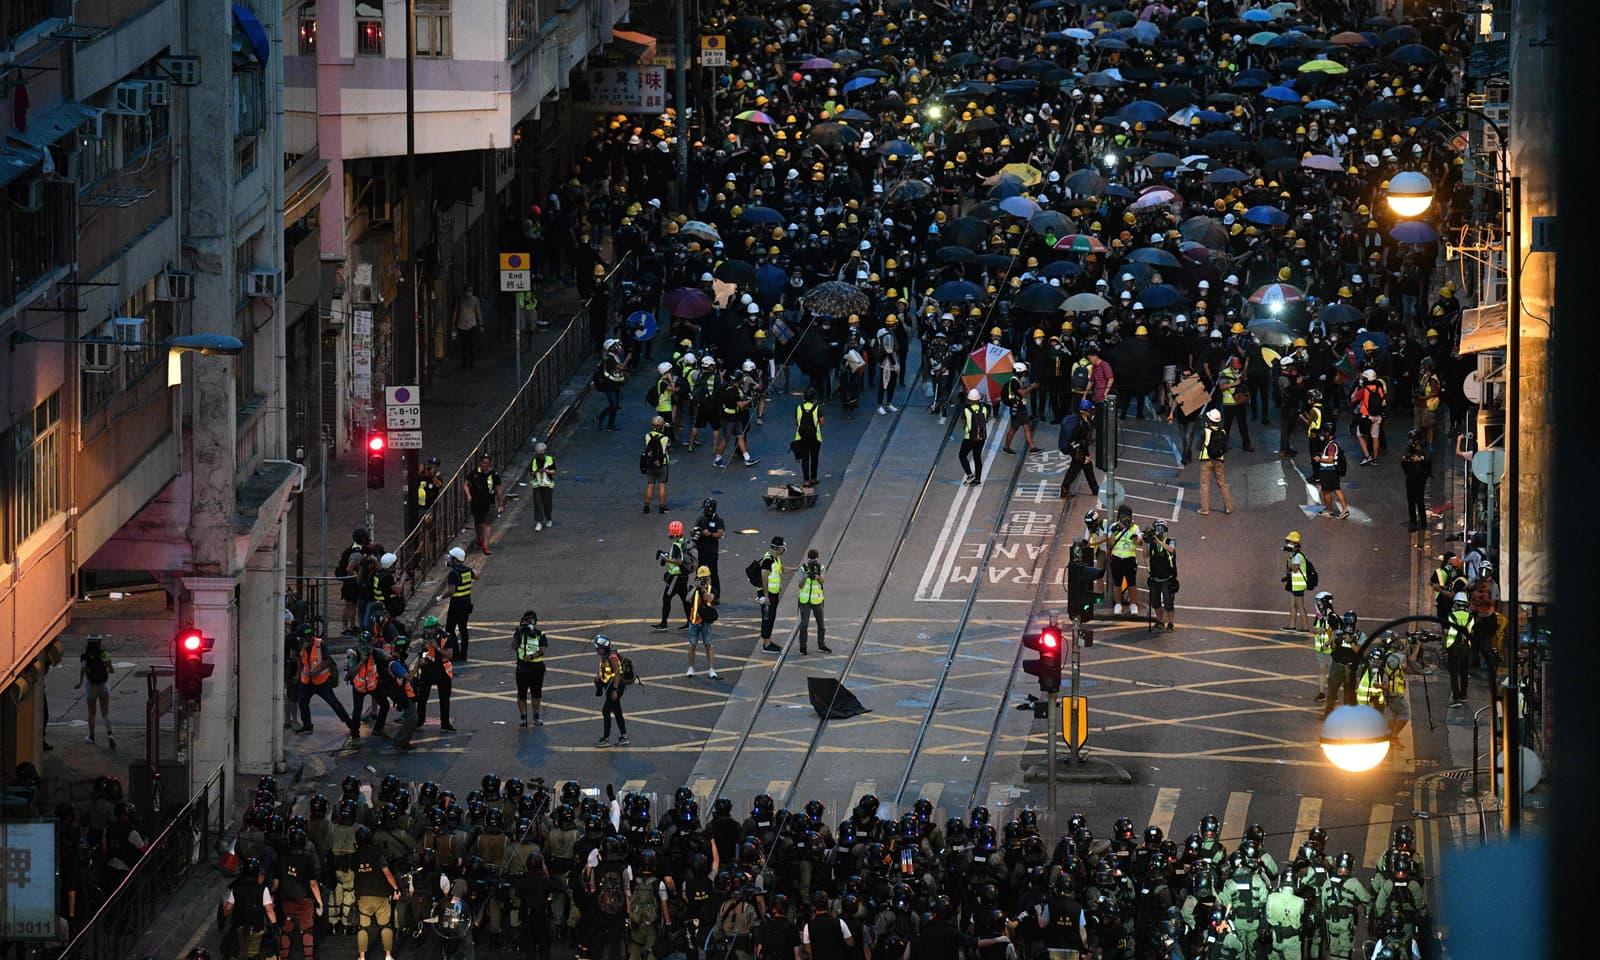 چین نے ہانگ کانگ میں ہنگامہ آرائی اور مظاہروں کا ذمہ دار امریکا کو قرار دیا ہے—فوٹو: اے ایف پی